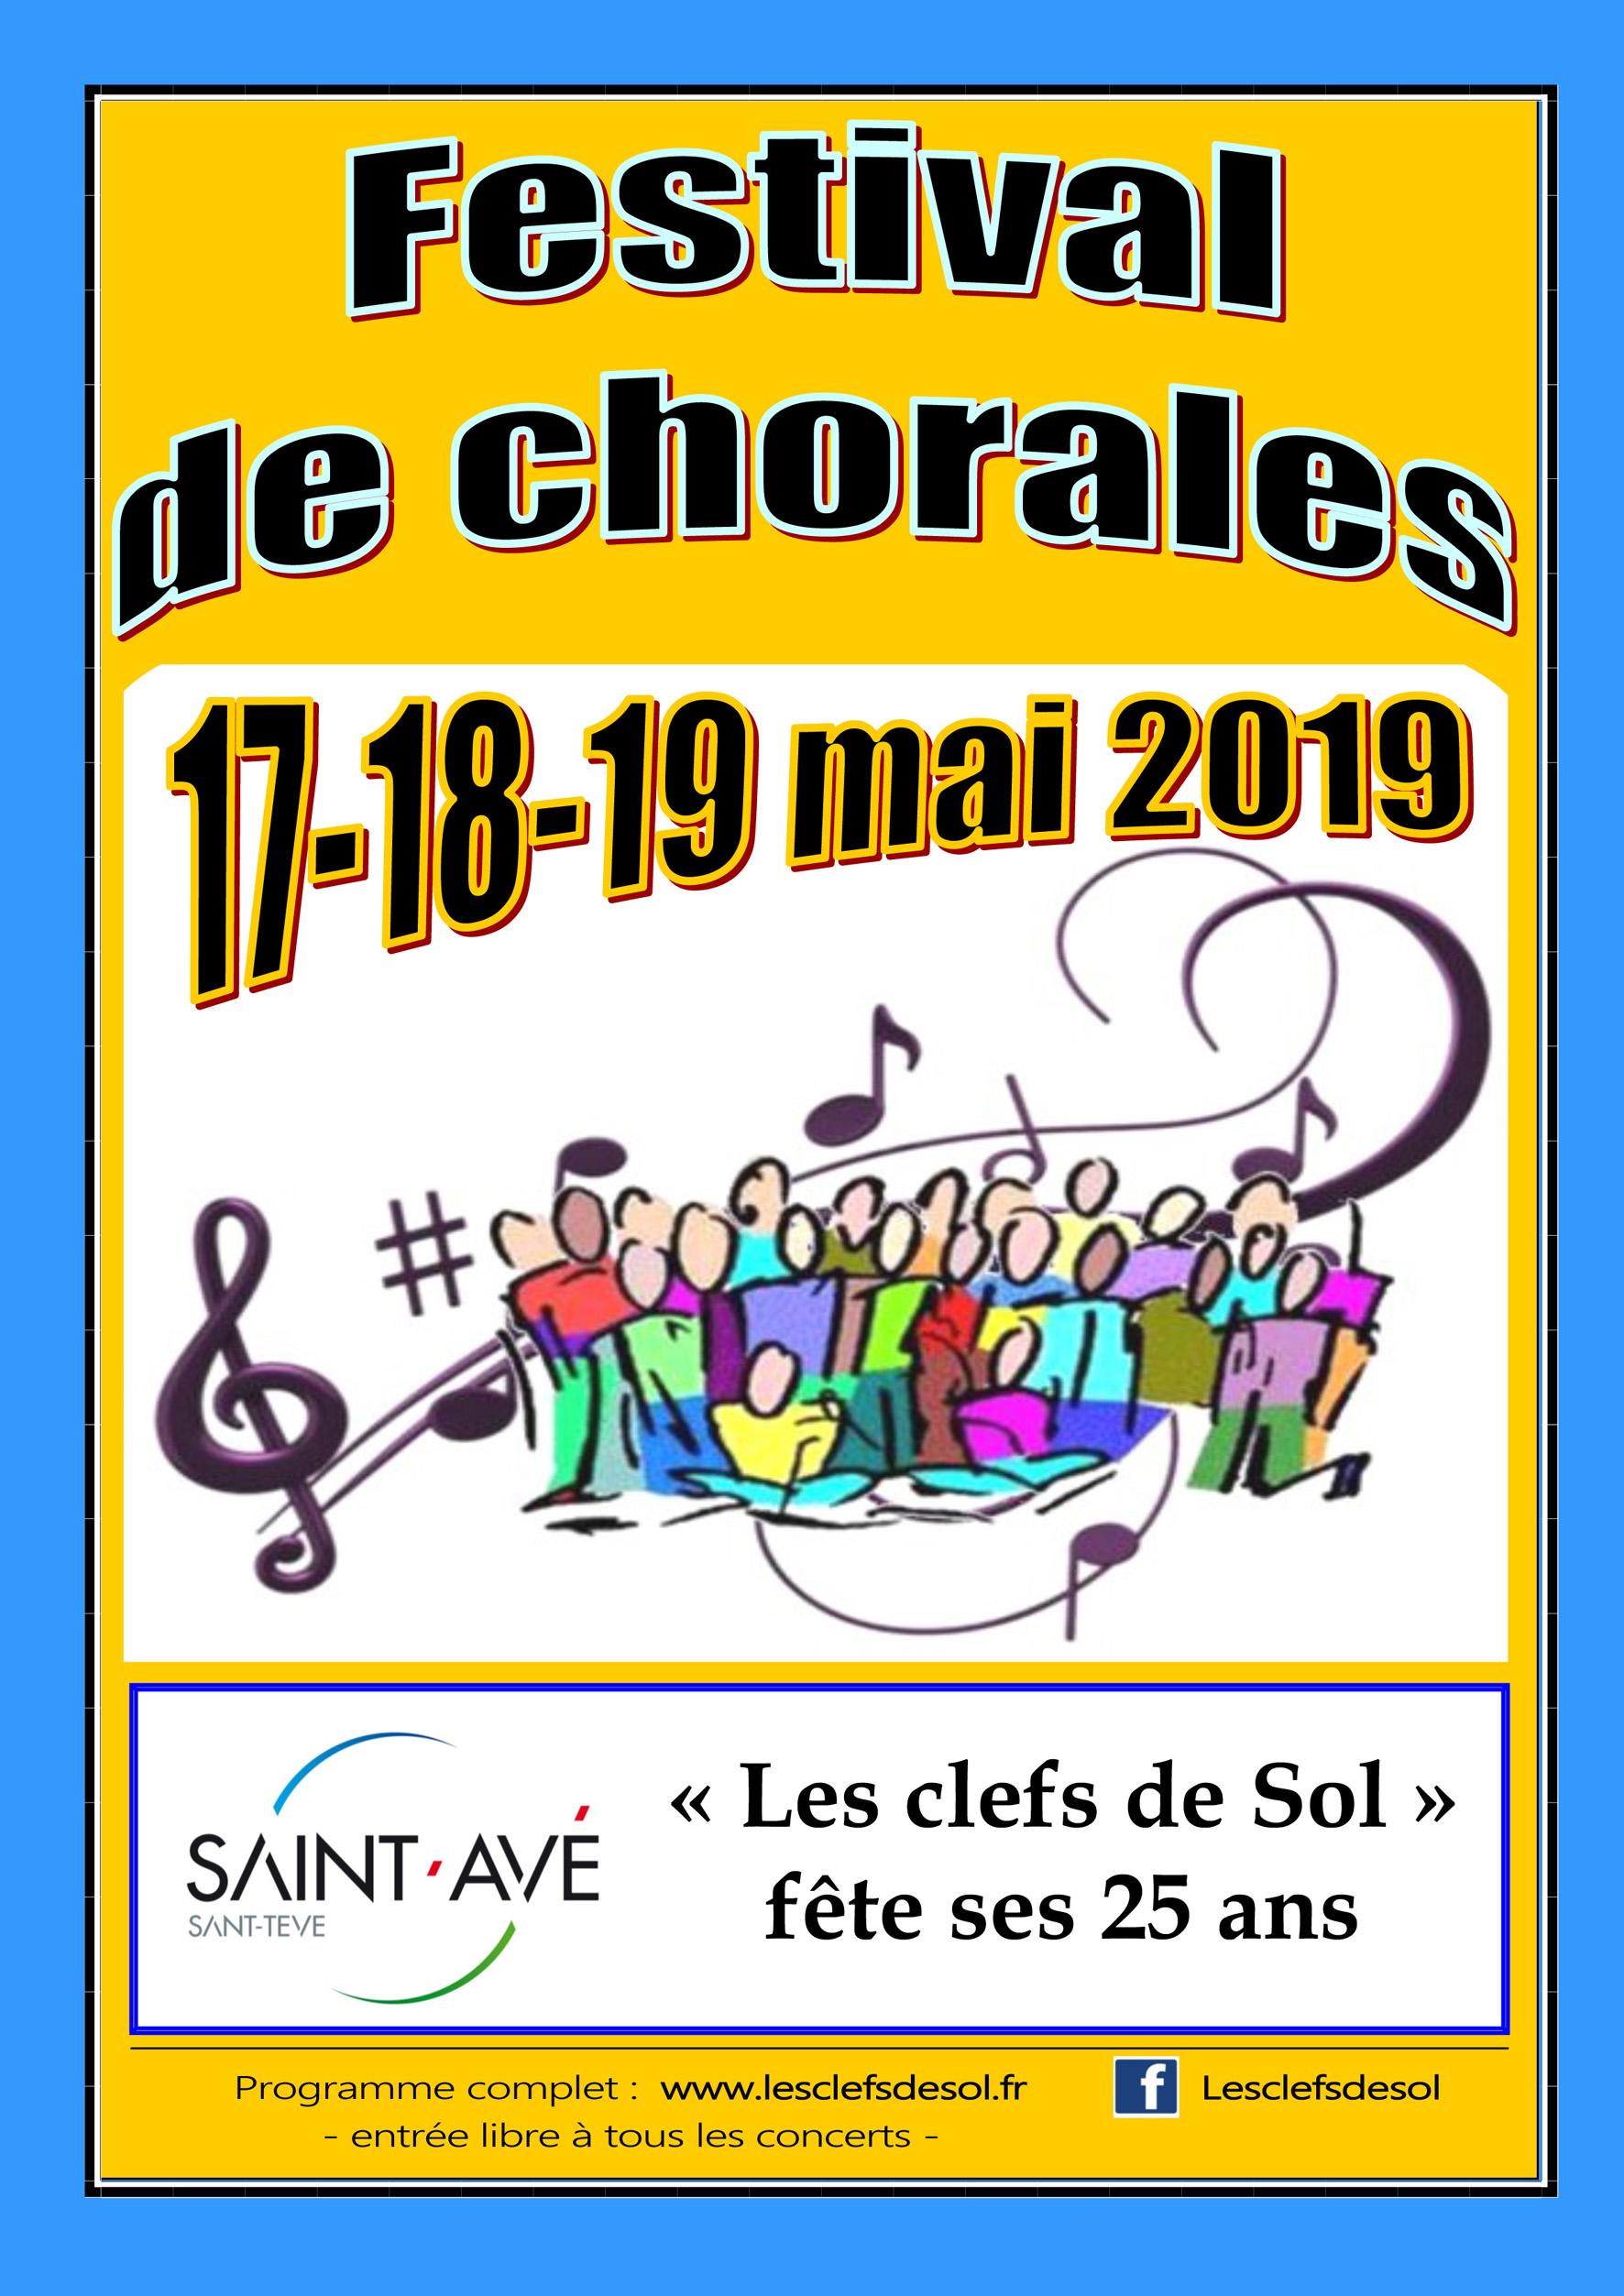 """Un festival de chorales pour fêter les 25 ans des """"Clefs de Sol"""" les 17, 18 et 19 mai 2019"""